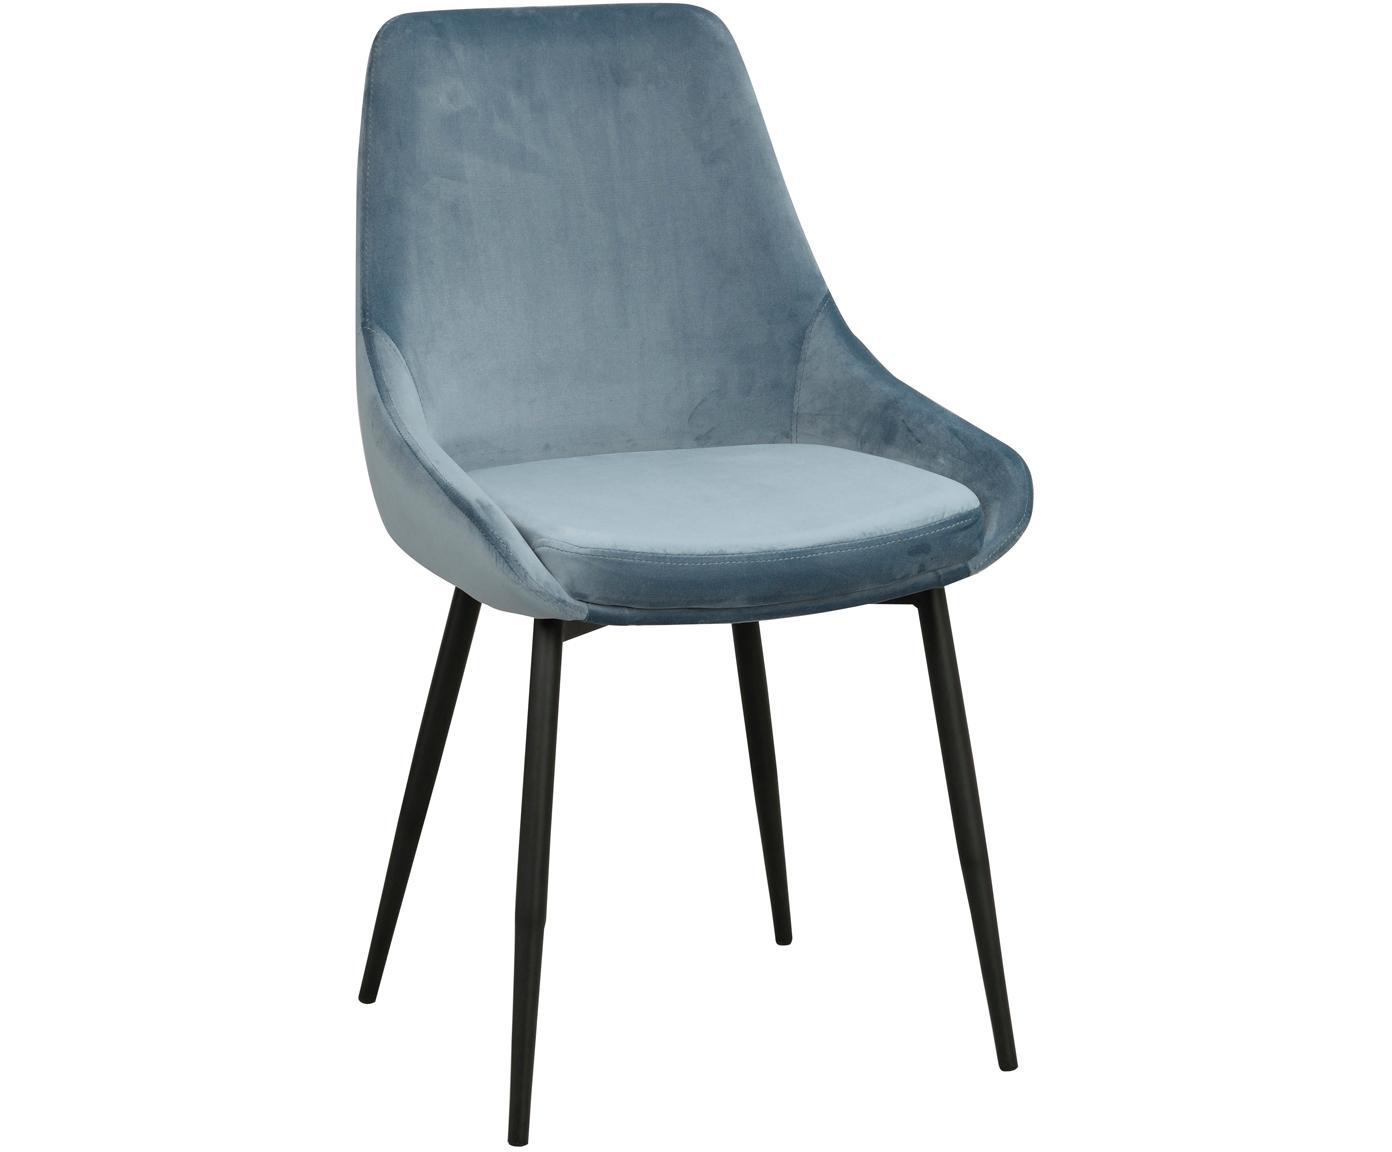 Sedia imbottita in velluto Sierra, 2 pz., Rivestimento: poliestere 100.000 cicli , Gambe: metallo laccato, Blu, nero, Larg. 49 x Prof. 55 cm